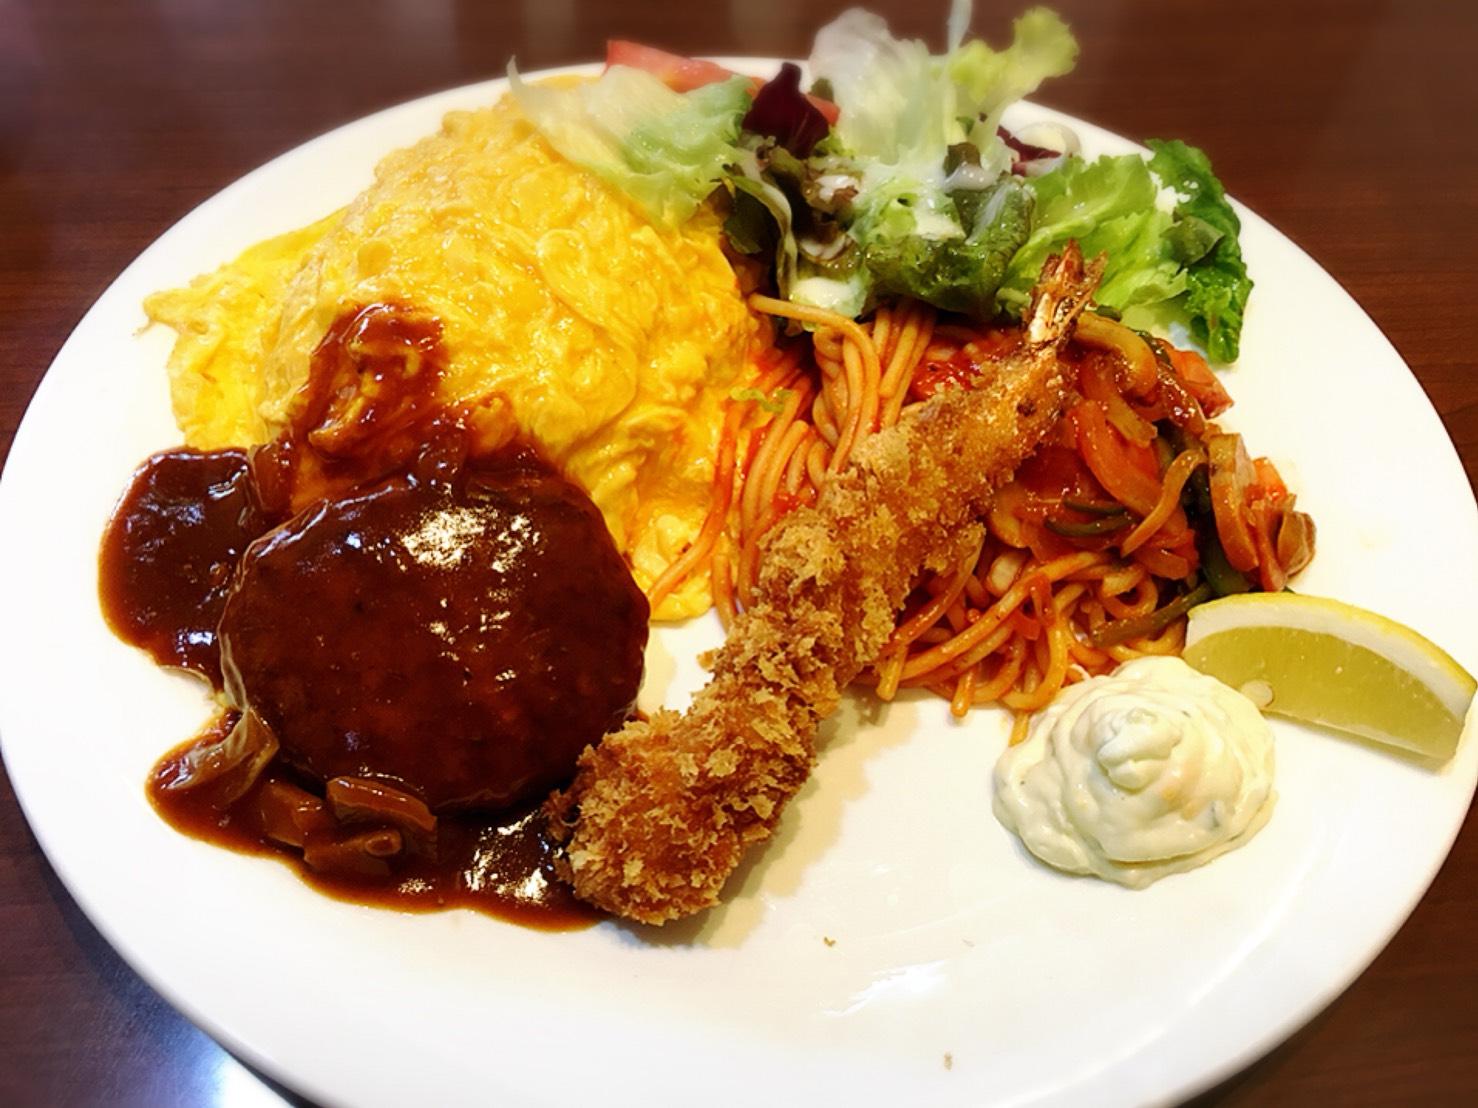 【上野駅】上野と言えば!の「じゅらく」で洋食とパンダパンケーキのじゅらく大人のお子さまプレート